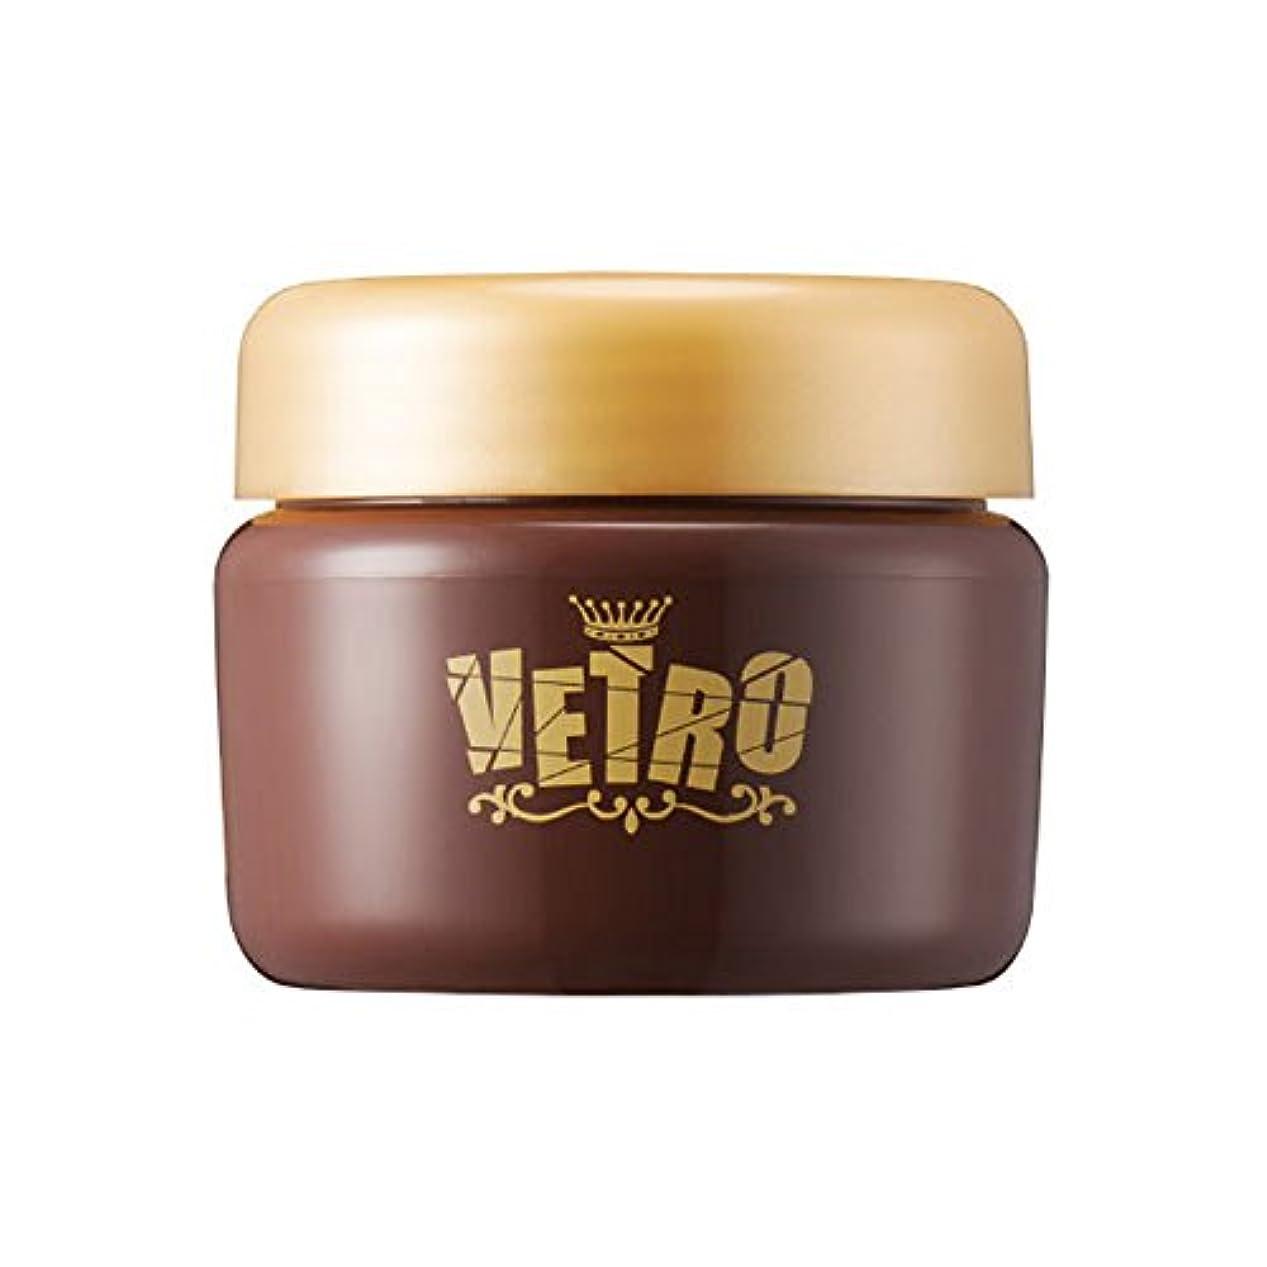 がんばり続ける影響力のある浴室VETRO No.19 ベースマックス 25ml